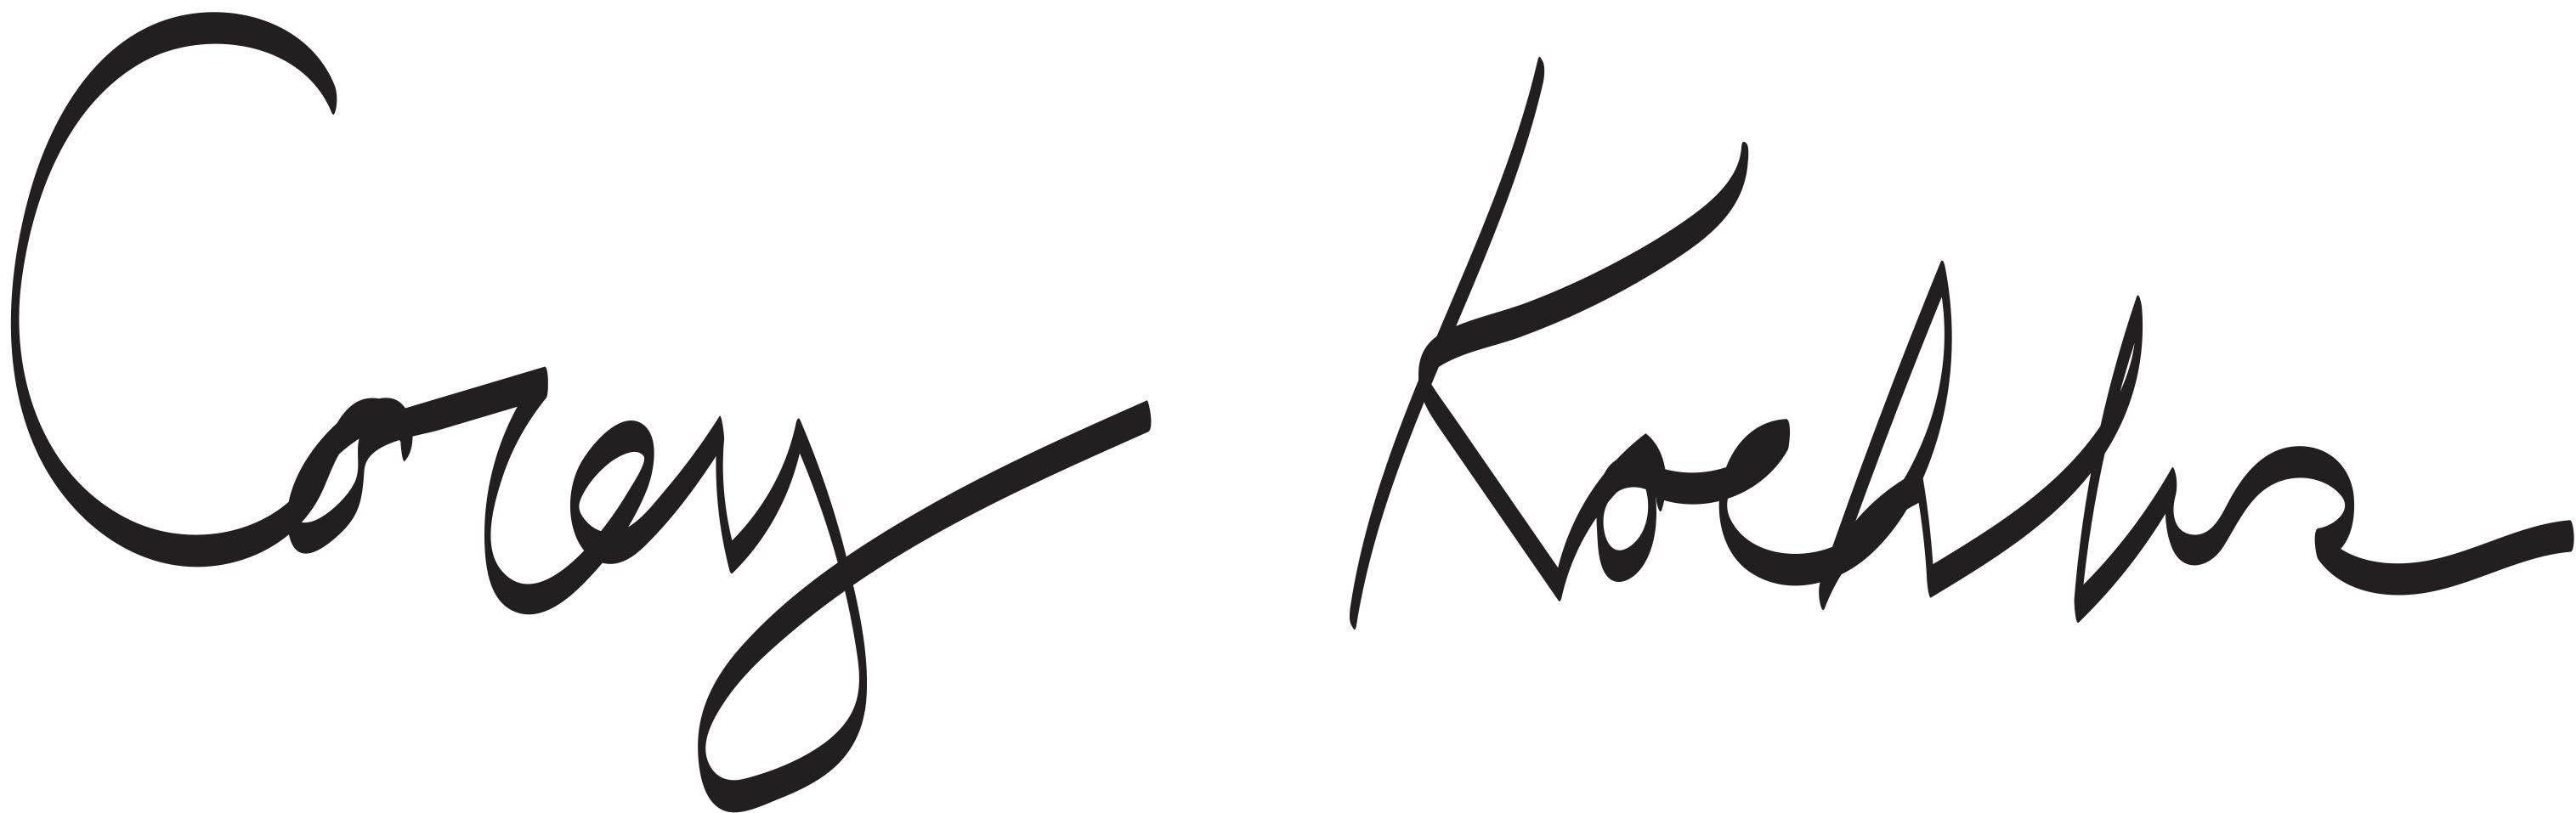 Corey koehler Signature